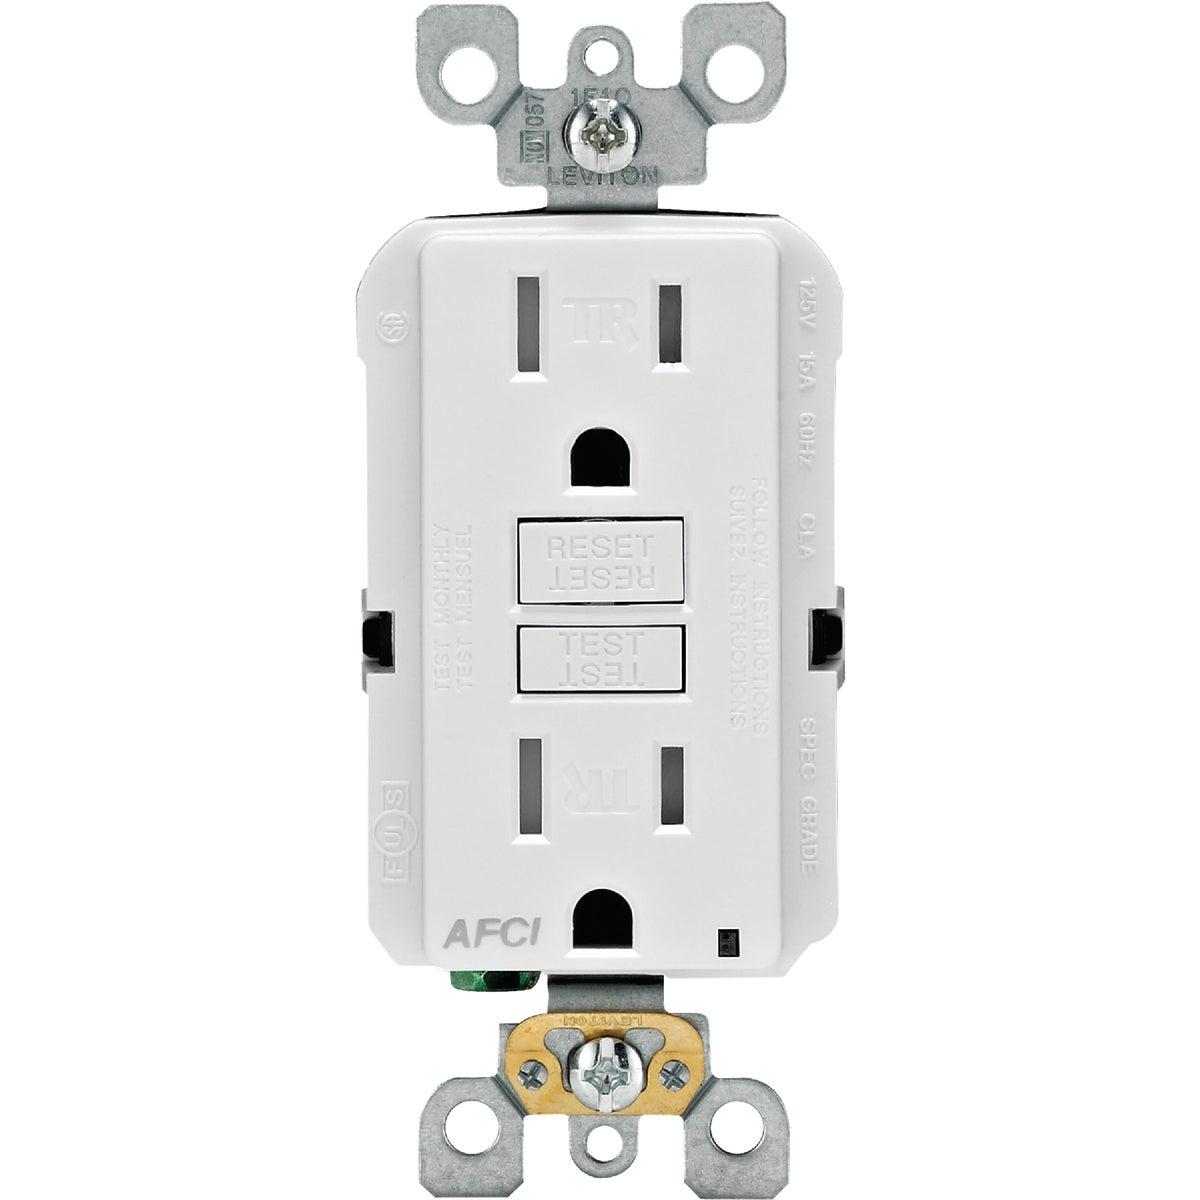 Leviton Smartlockpro Arc Fault Duplex Outlet